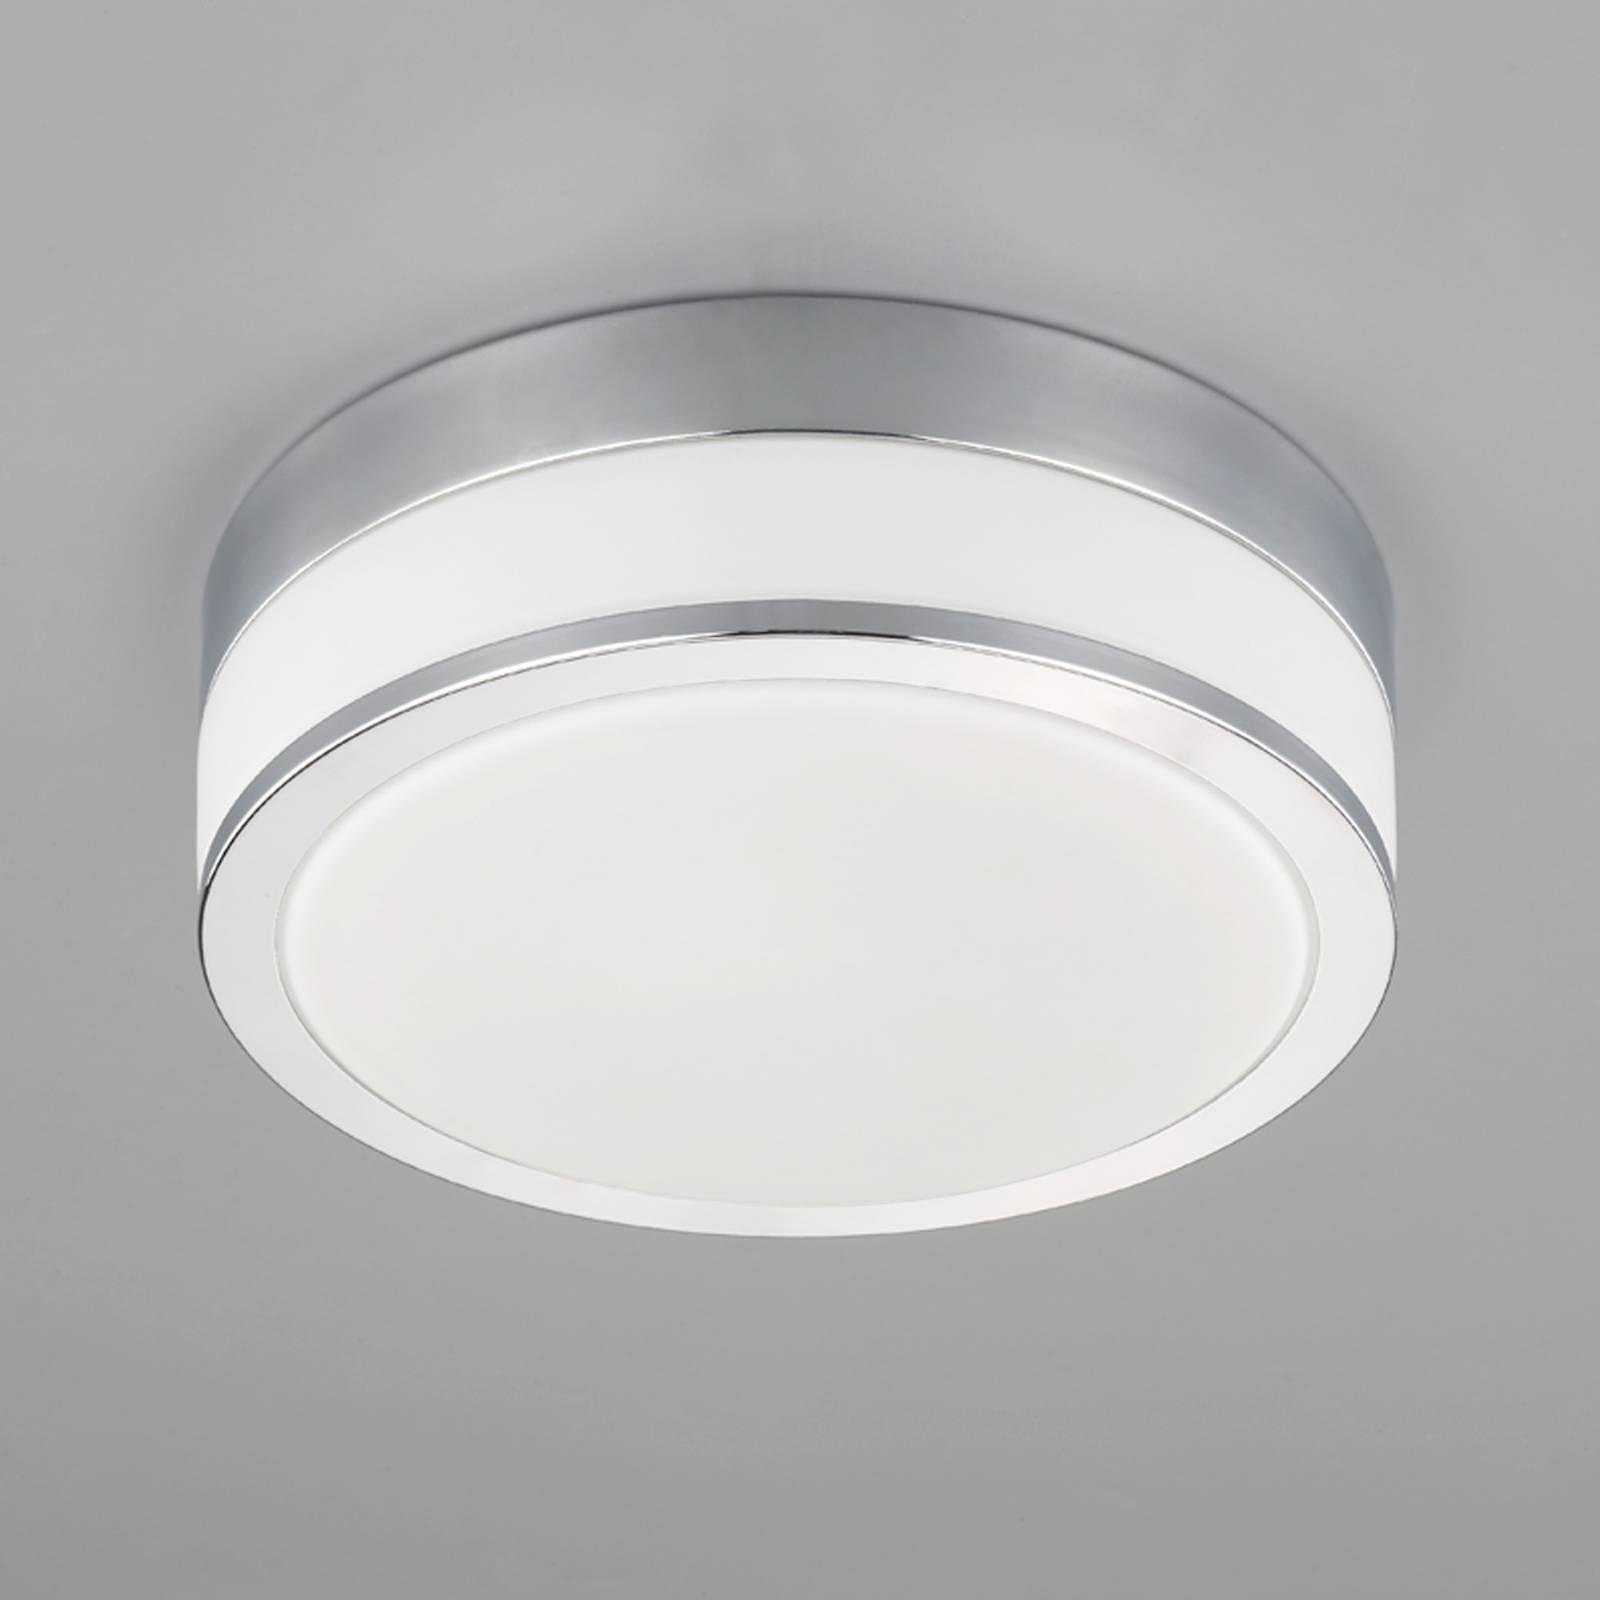 Leuchten & Leuchtmittel Business & Industrie Deckenleuchte Flavi ...